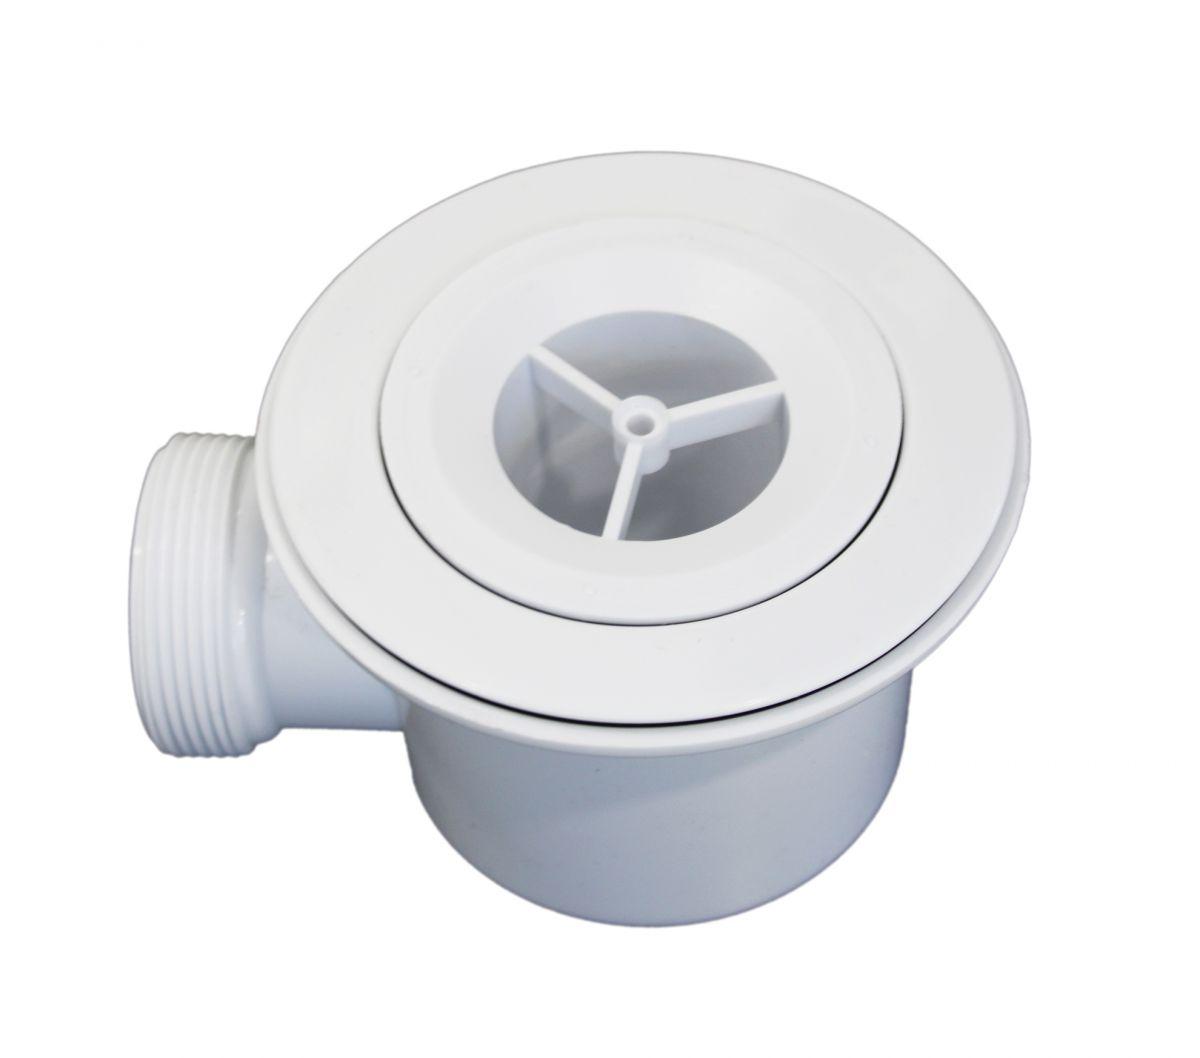 Piletta Effetto Pietra 2 Piletta di scarico da 110mm per piatti doccia effetto pietra da 2,6 cm